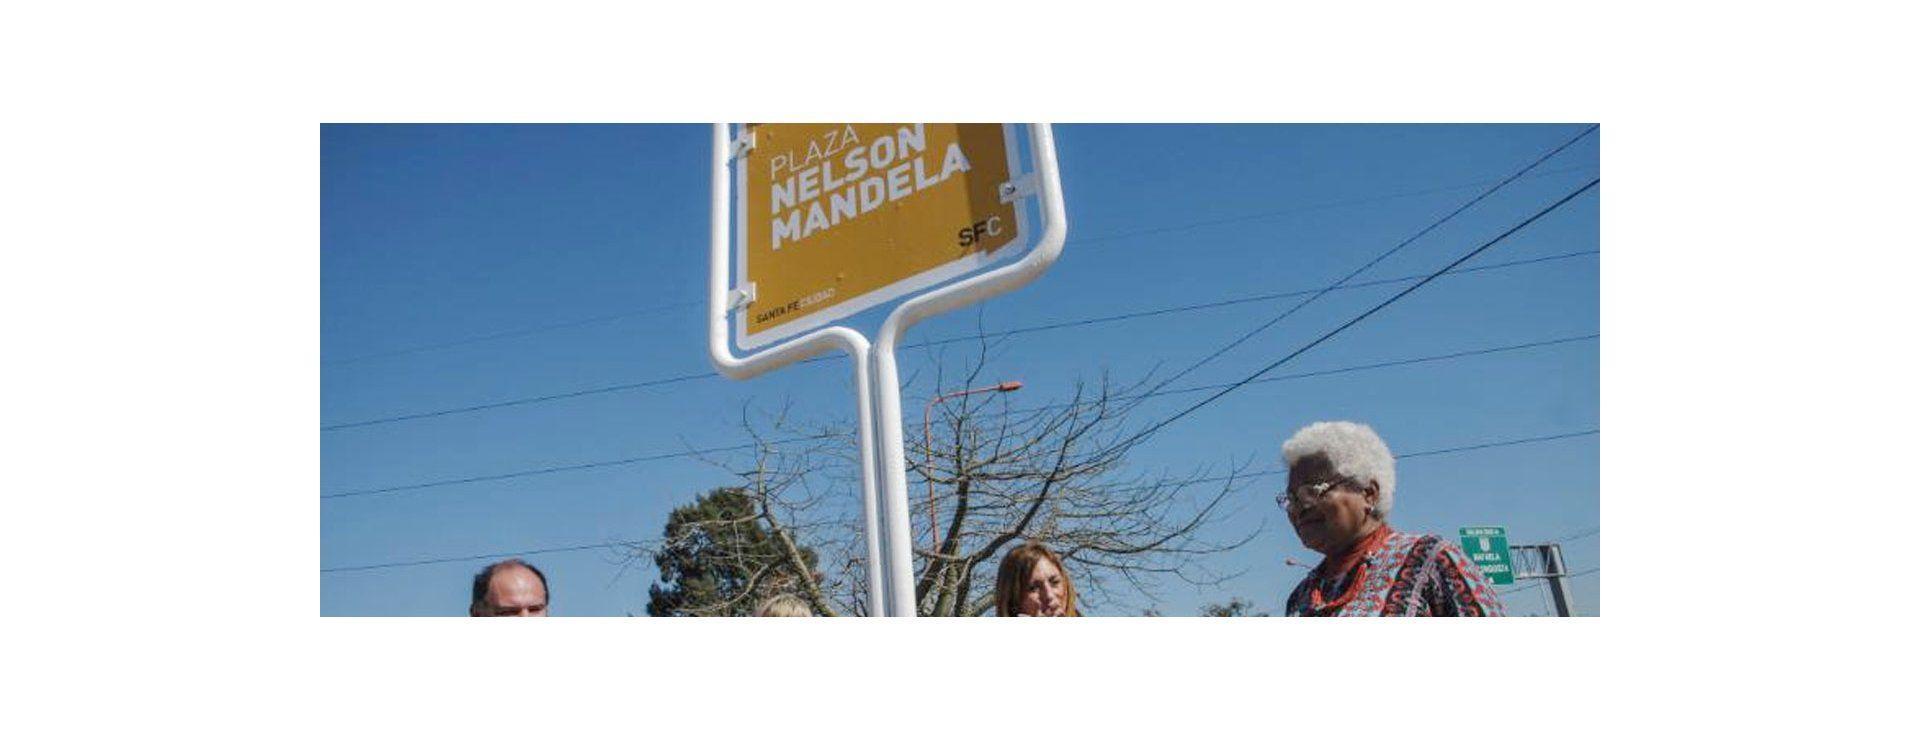 La Ciudad tiene una nueva plaza y lleva por nombre Nelson Mandela